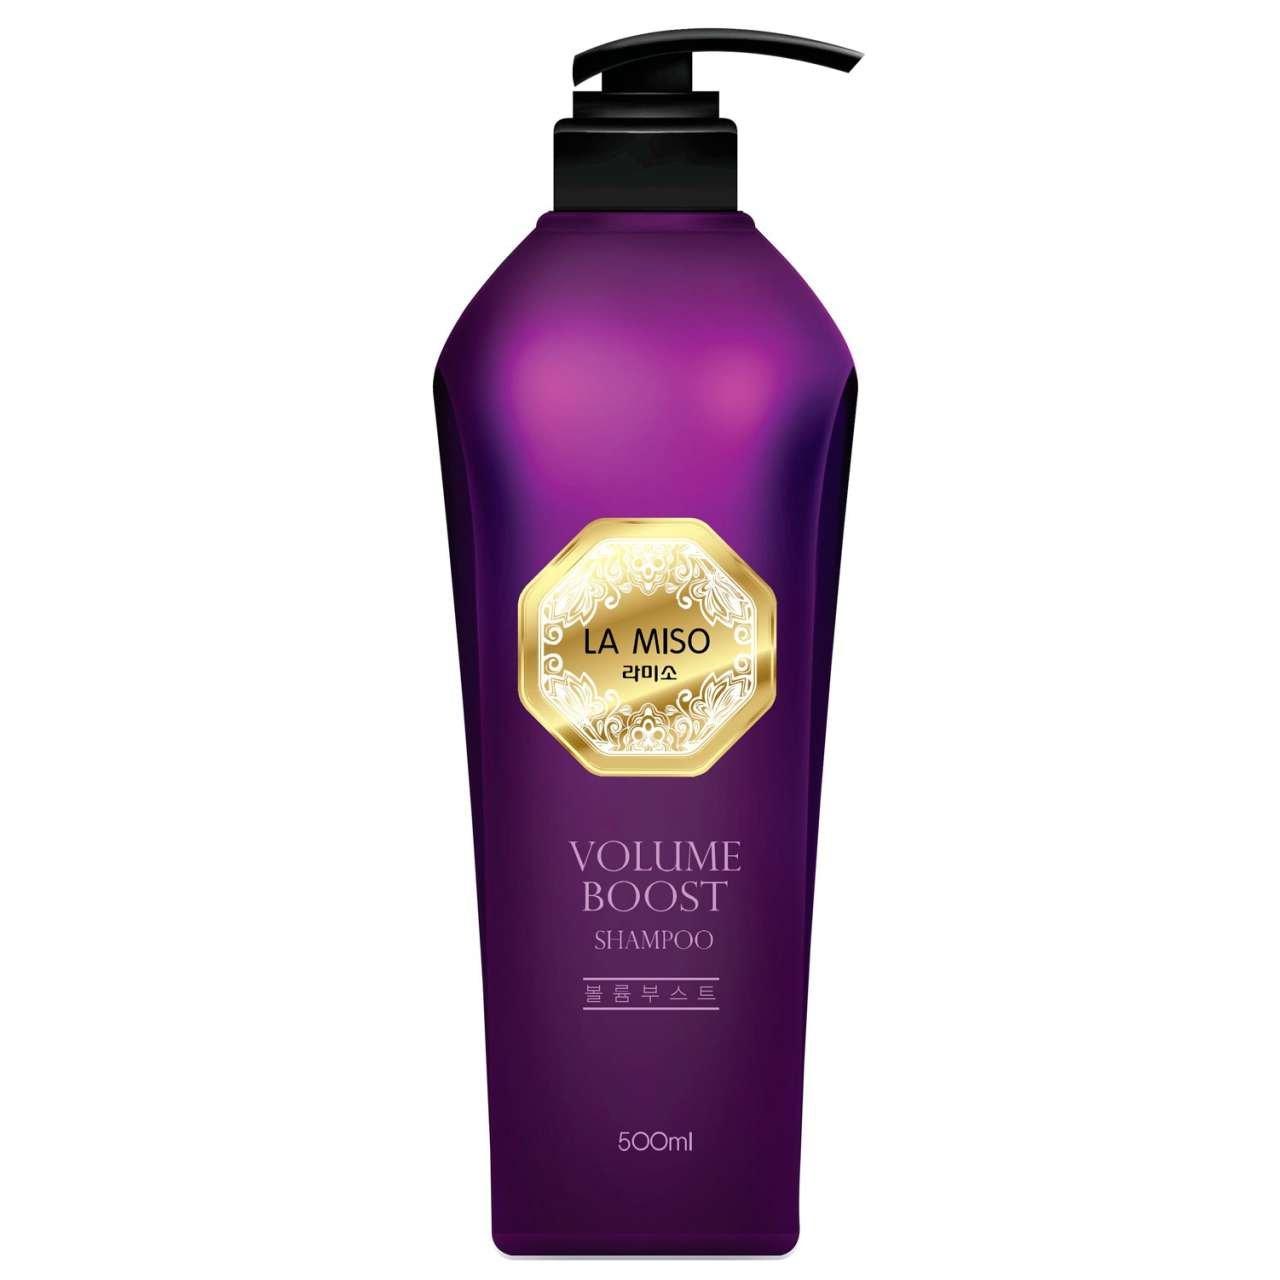 LA MISO Шампунь для максимального объема волос